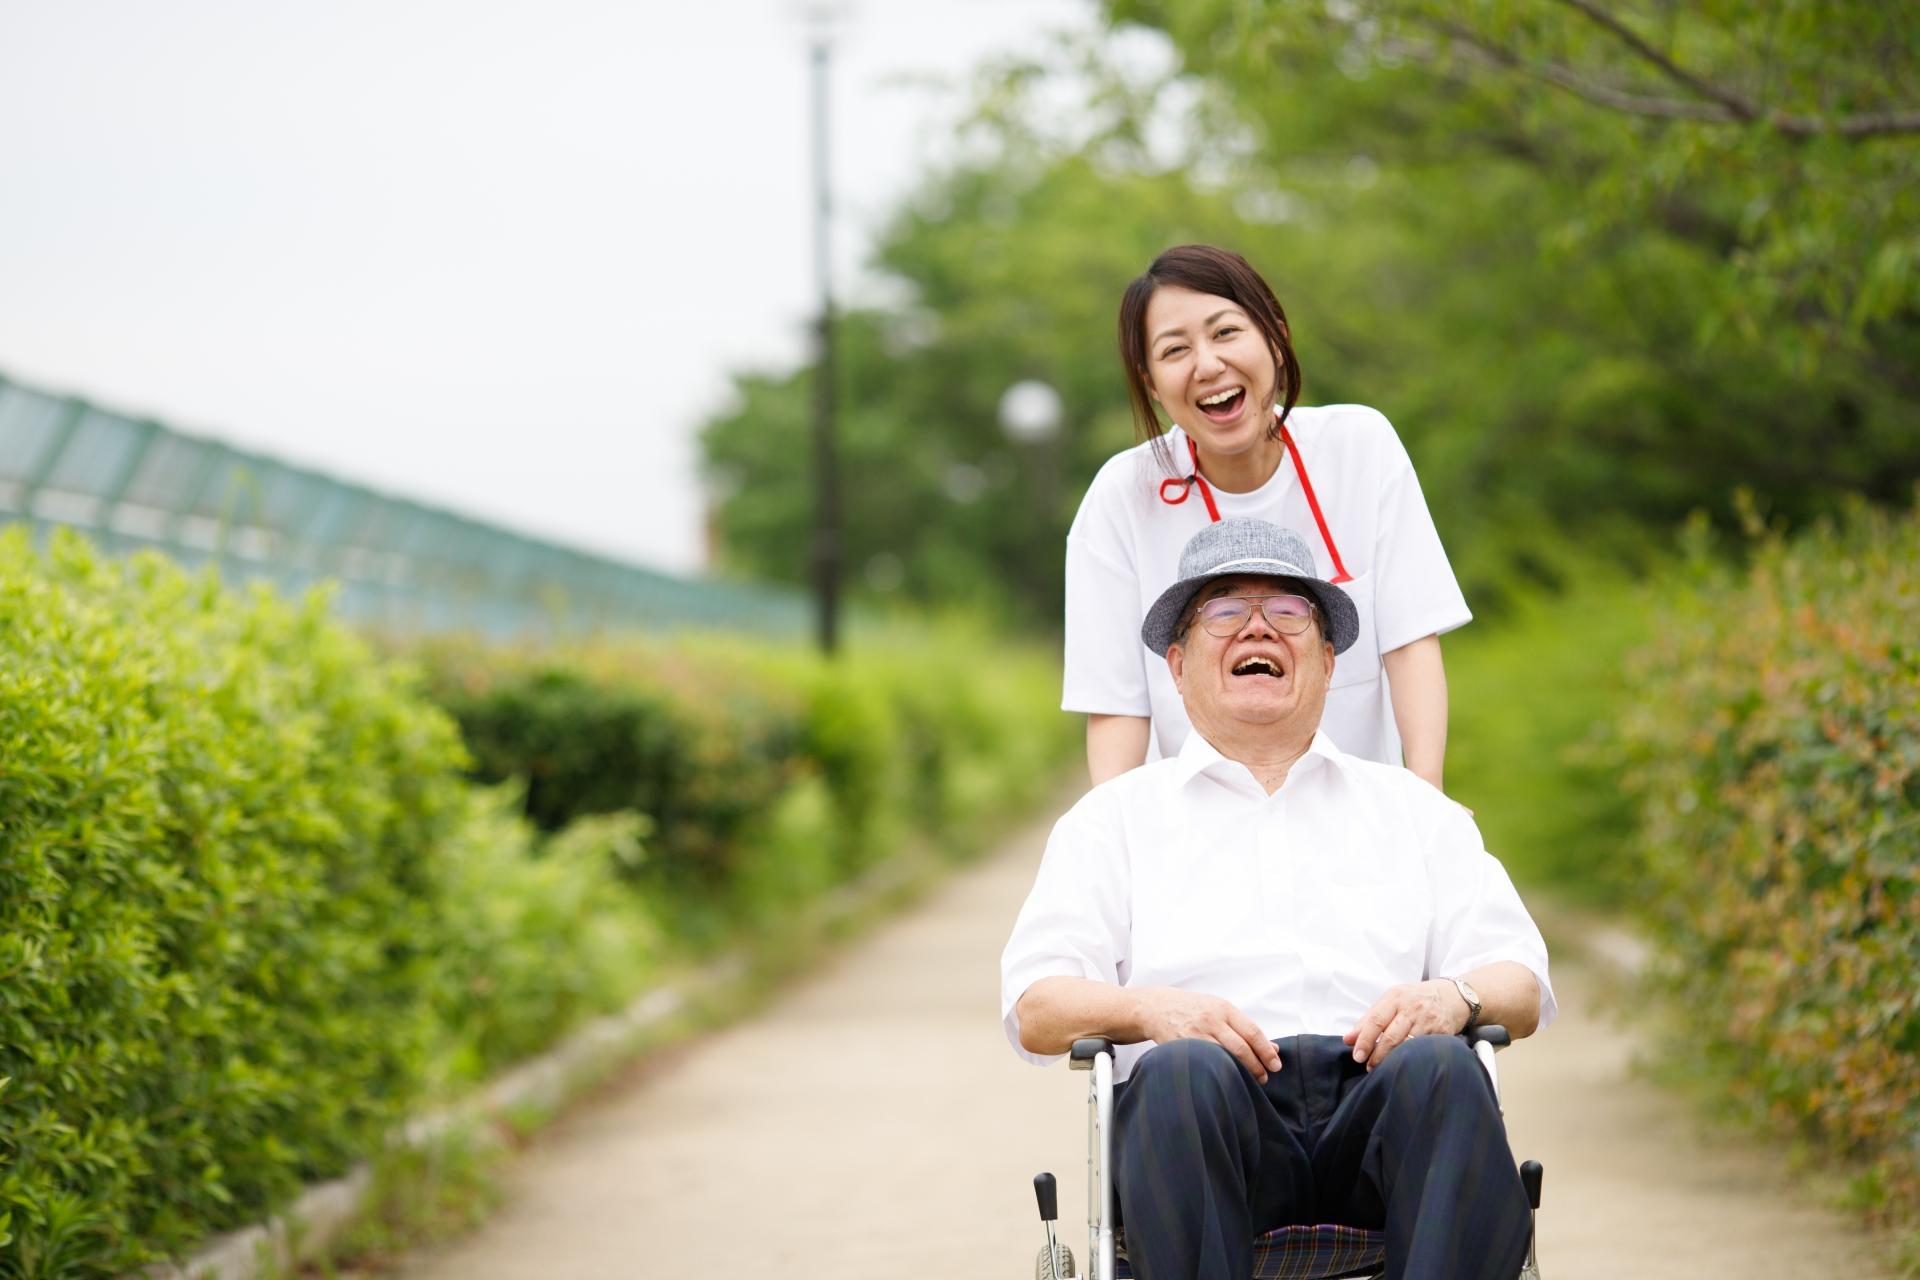 介護士に特化した求人サイトを紹介